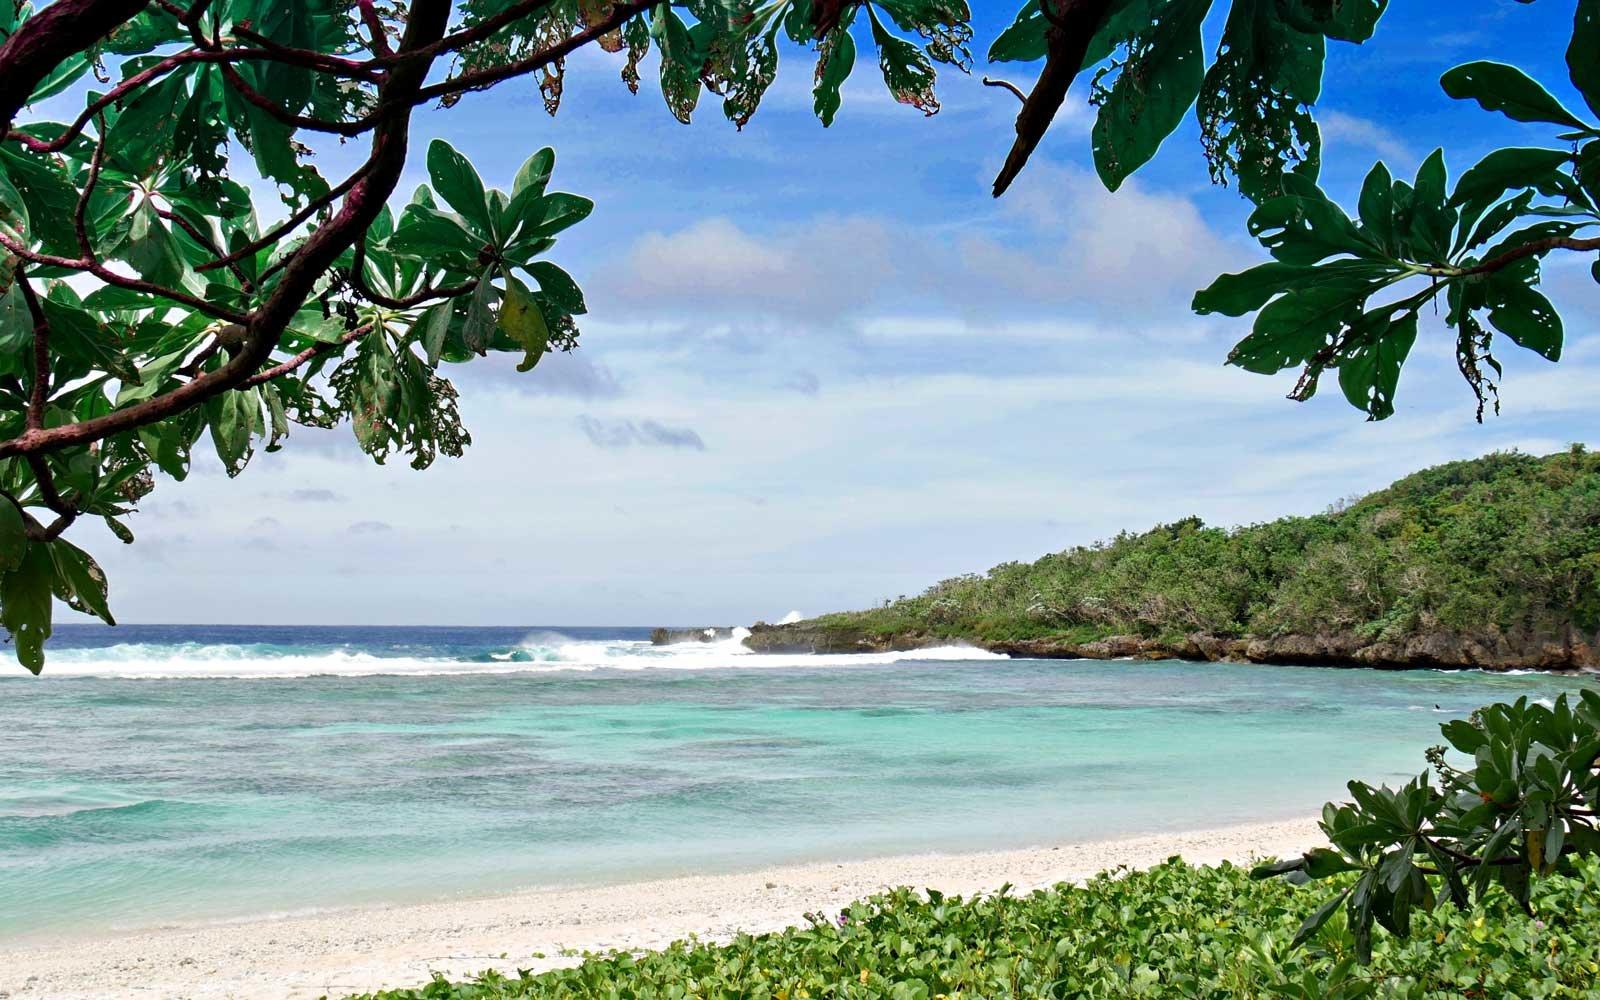 10 туристических направлений, которые становятся все более популярными